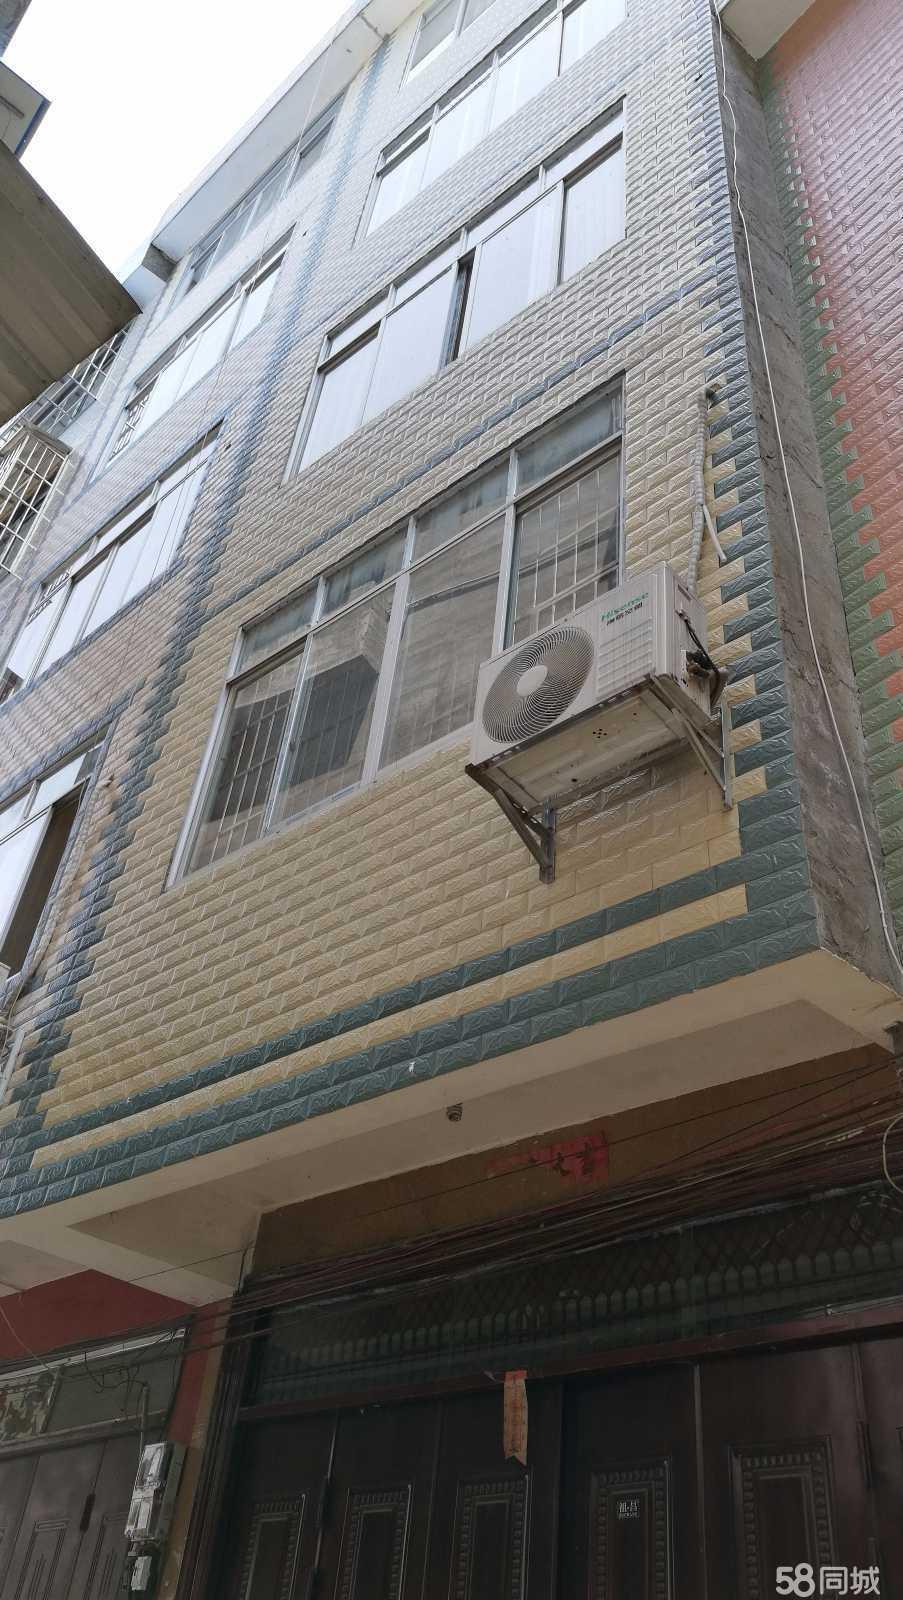 出售巴马县城巴发村自建房一栋共五层260平米